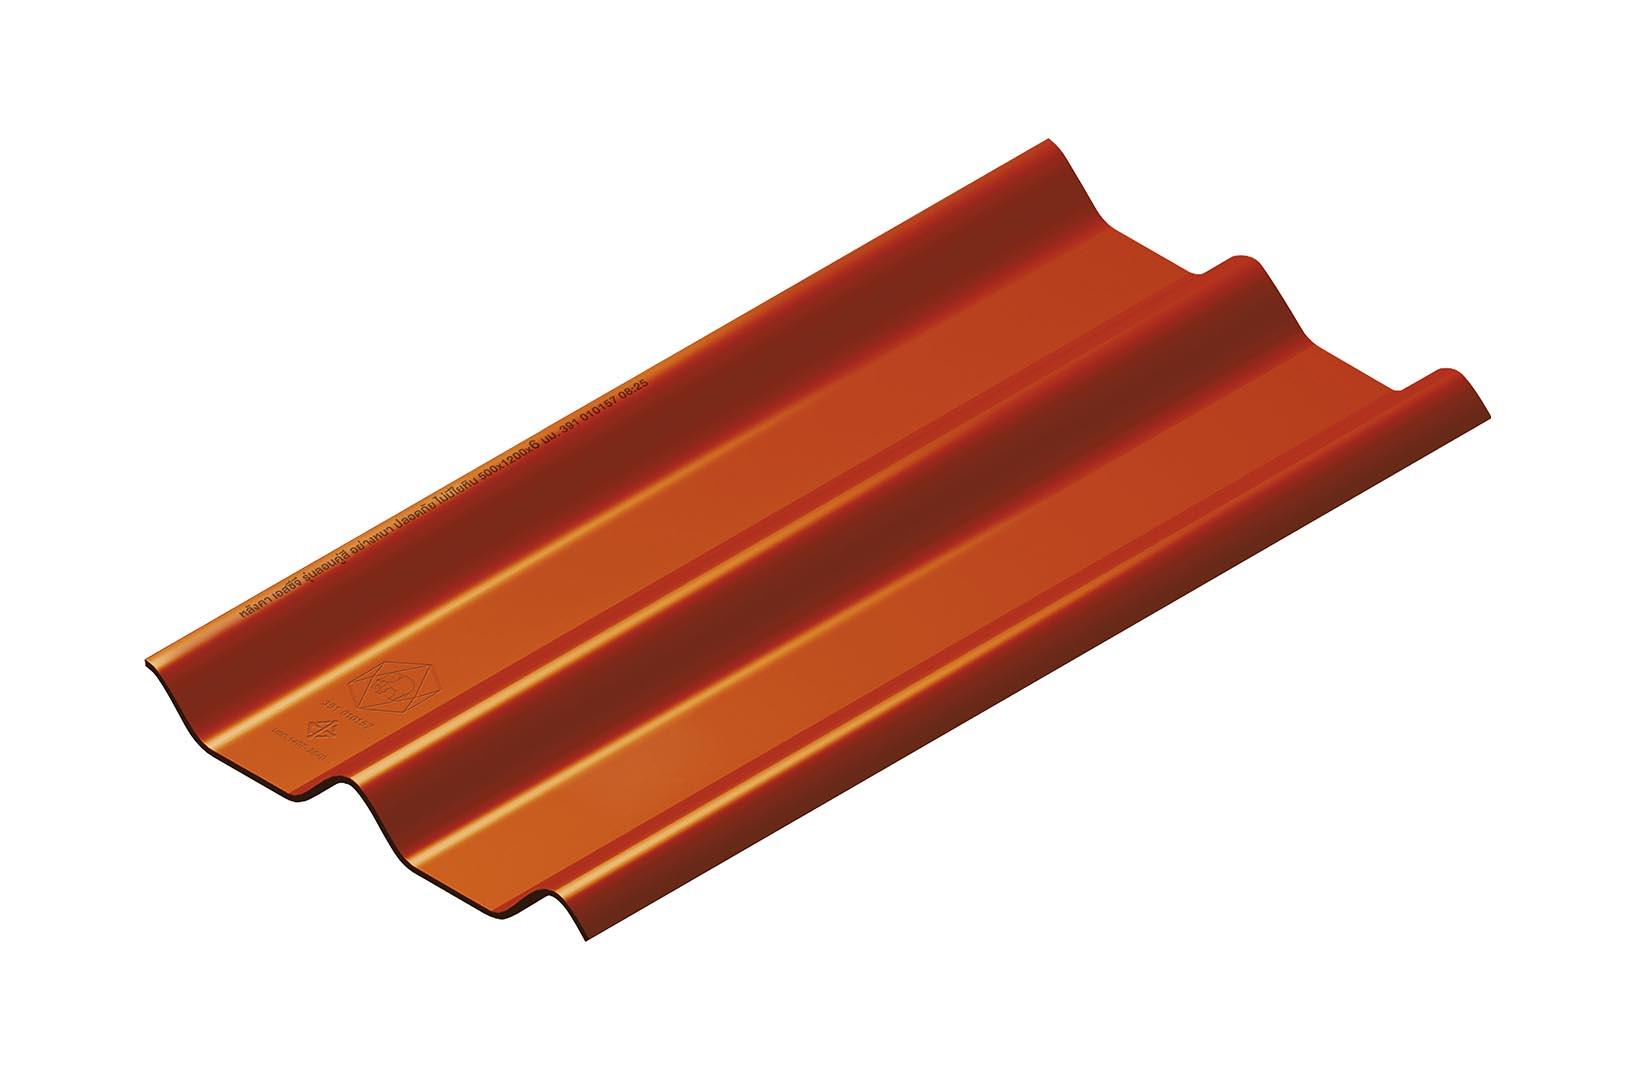 หลังคาไฟเบอร์ซีเมนต์ เอสซีจี รุ่น ลอนคู่ไฮบริด 50x150x0.55 สีหมากสุก 1